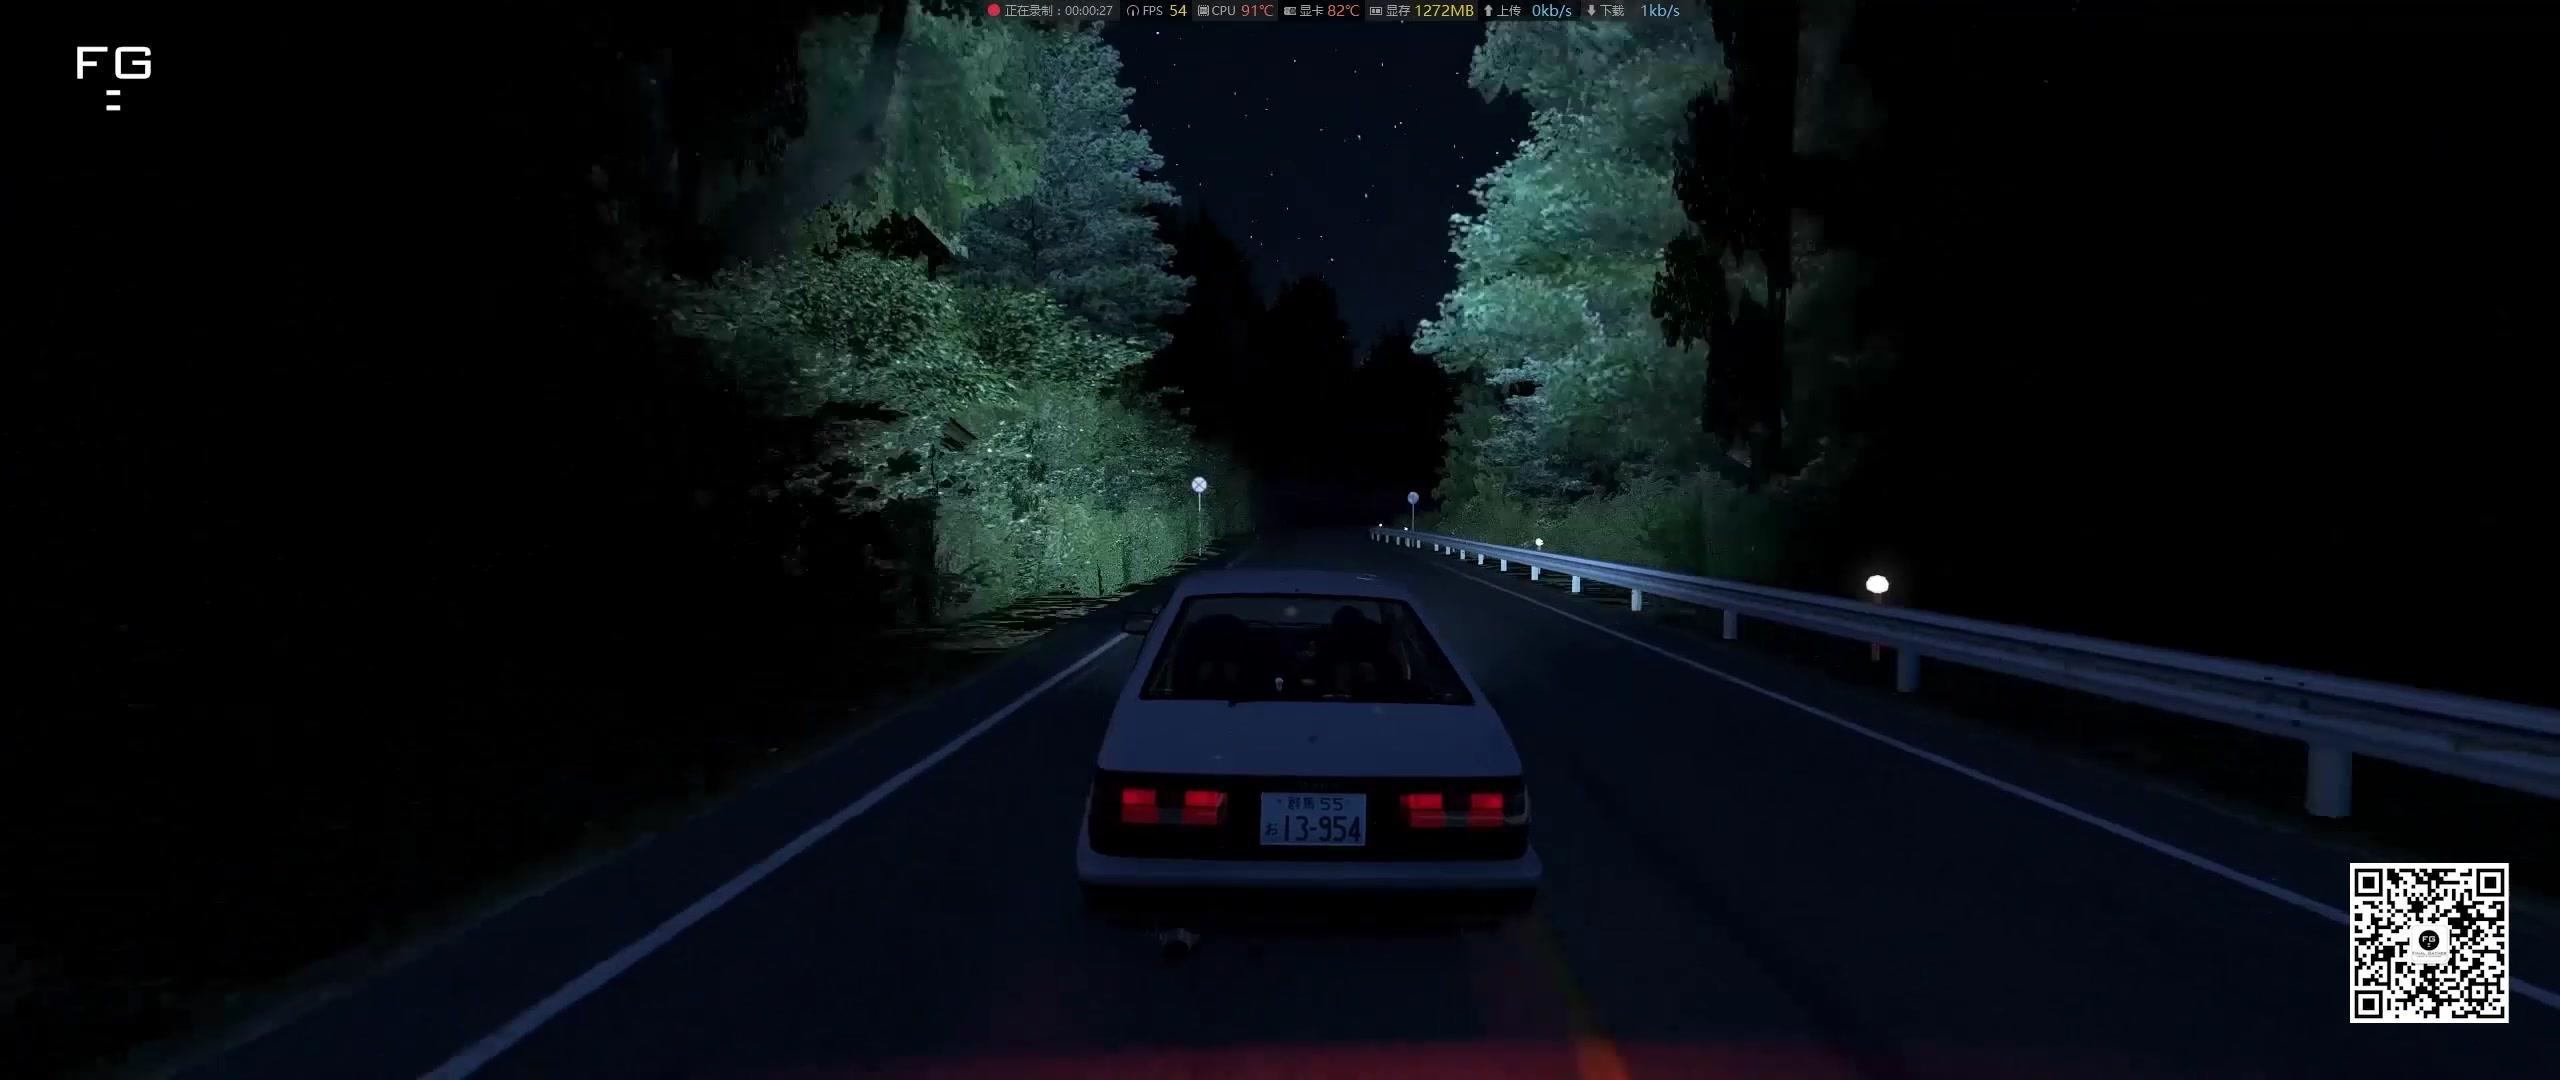 gta5ae86夜跑秋名山fg影视出品